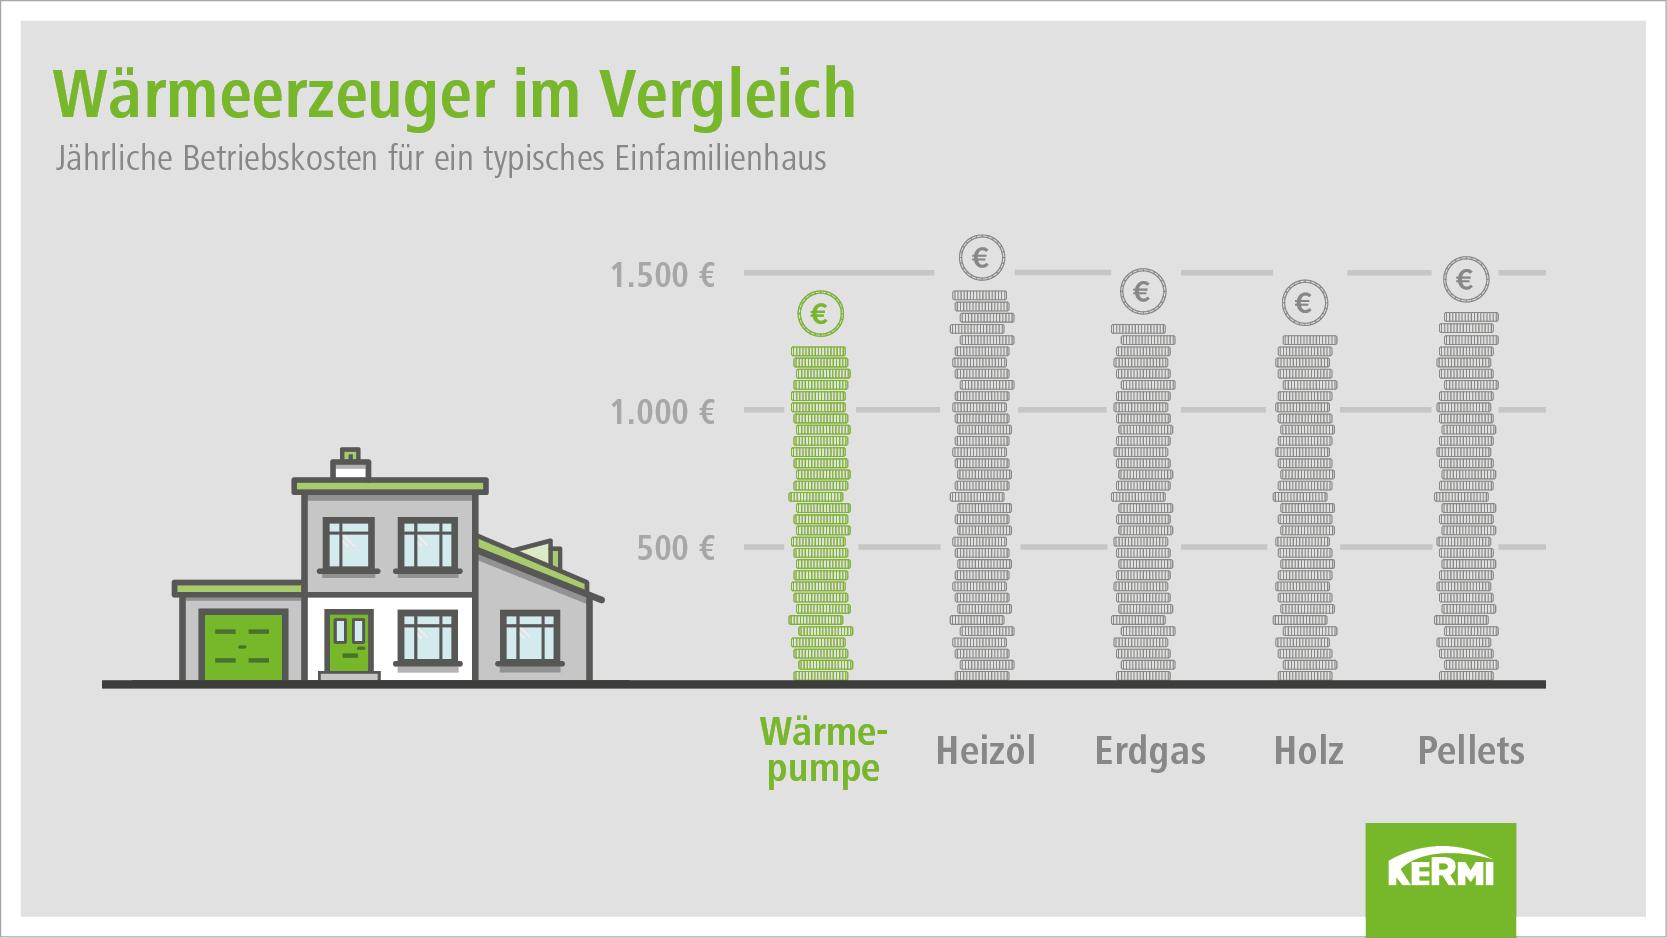 Kermi Vergleich Kosten Wärmeerzeuger